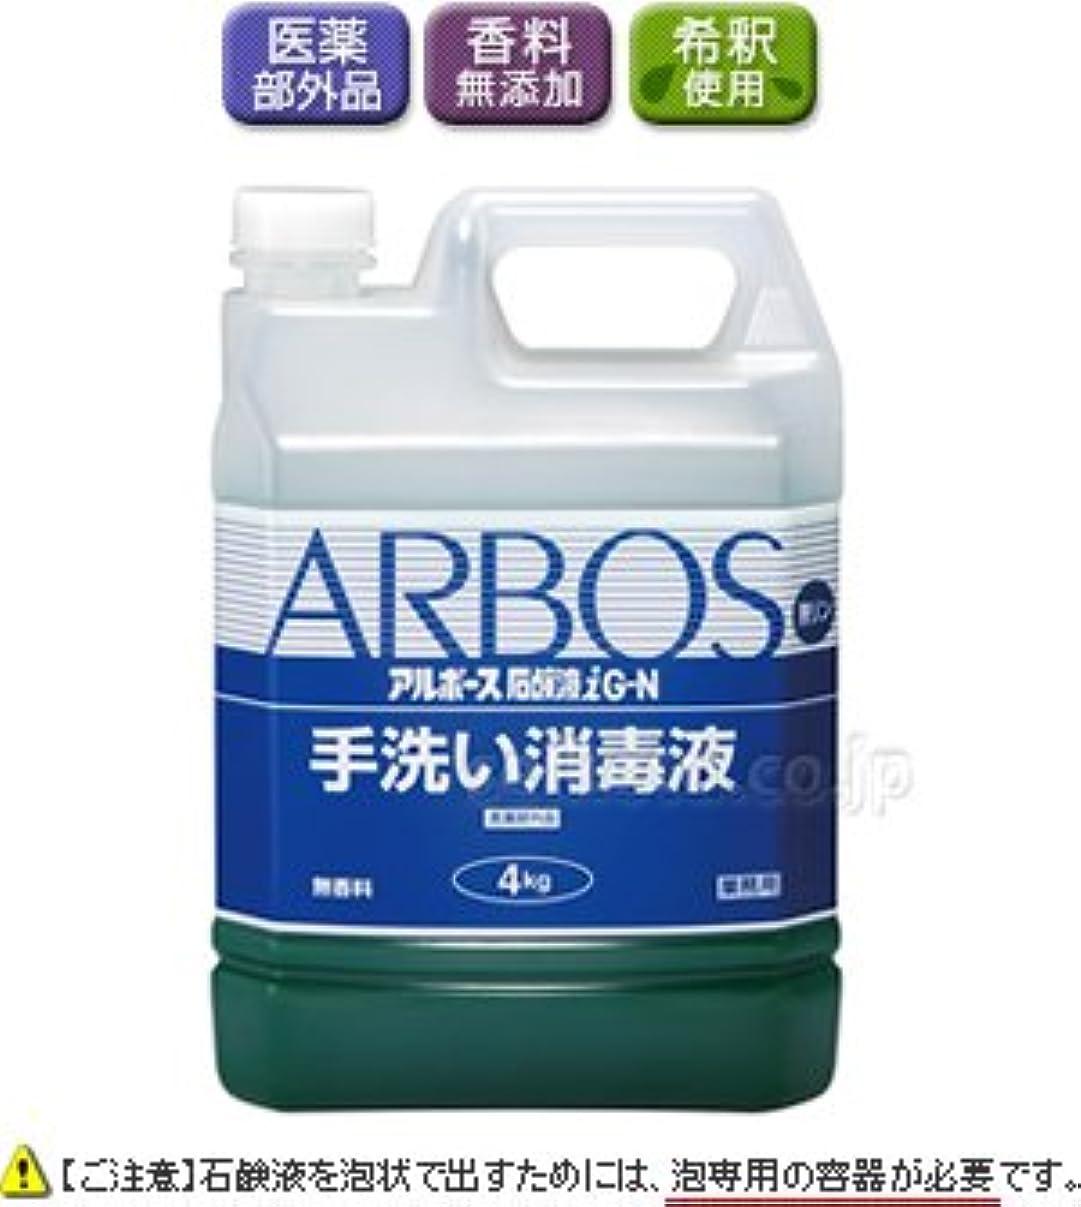 未知の同時カイウス【清潔キレイ館】アルボース石鹸液iG-N(4kg×1本)